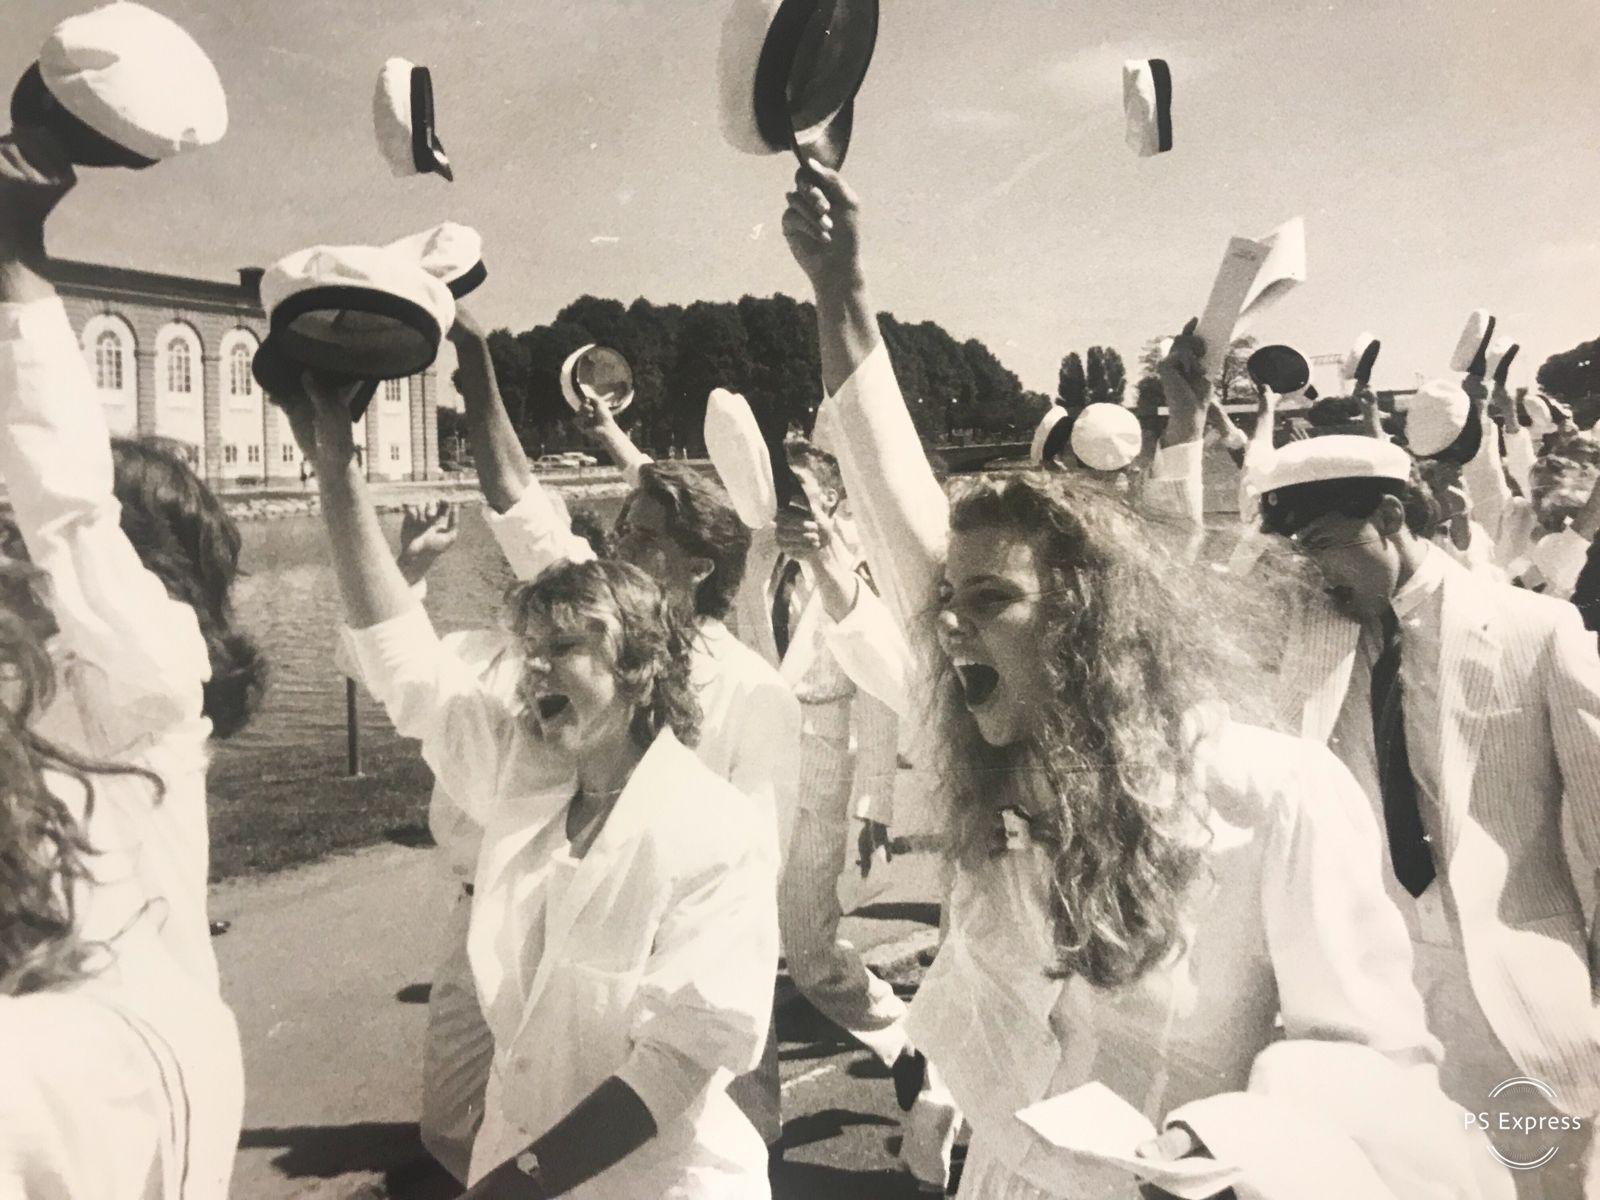 Det är visserligen Stagneliusskolan som syns i bakgrunden men de här lyckliga studenterna som marscherar genom stan gick ut på Lars Kaggskolan 1988.